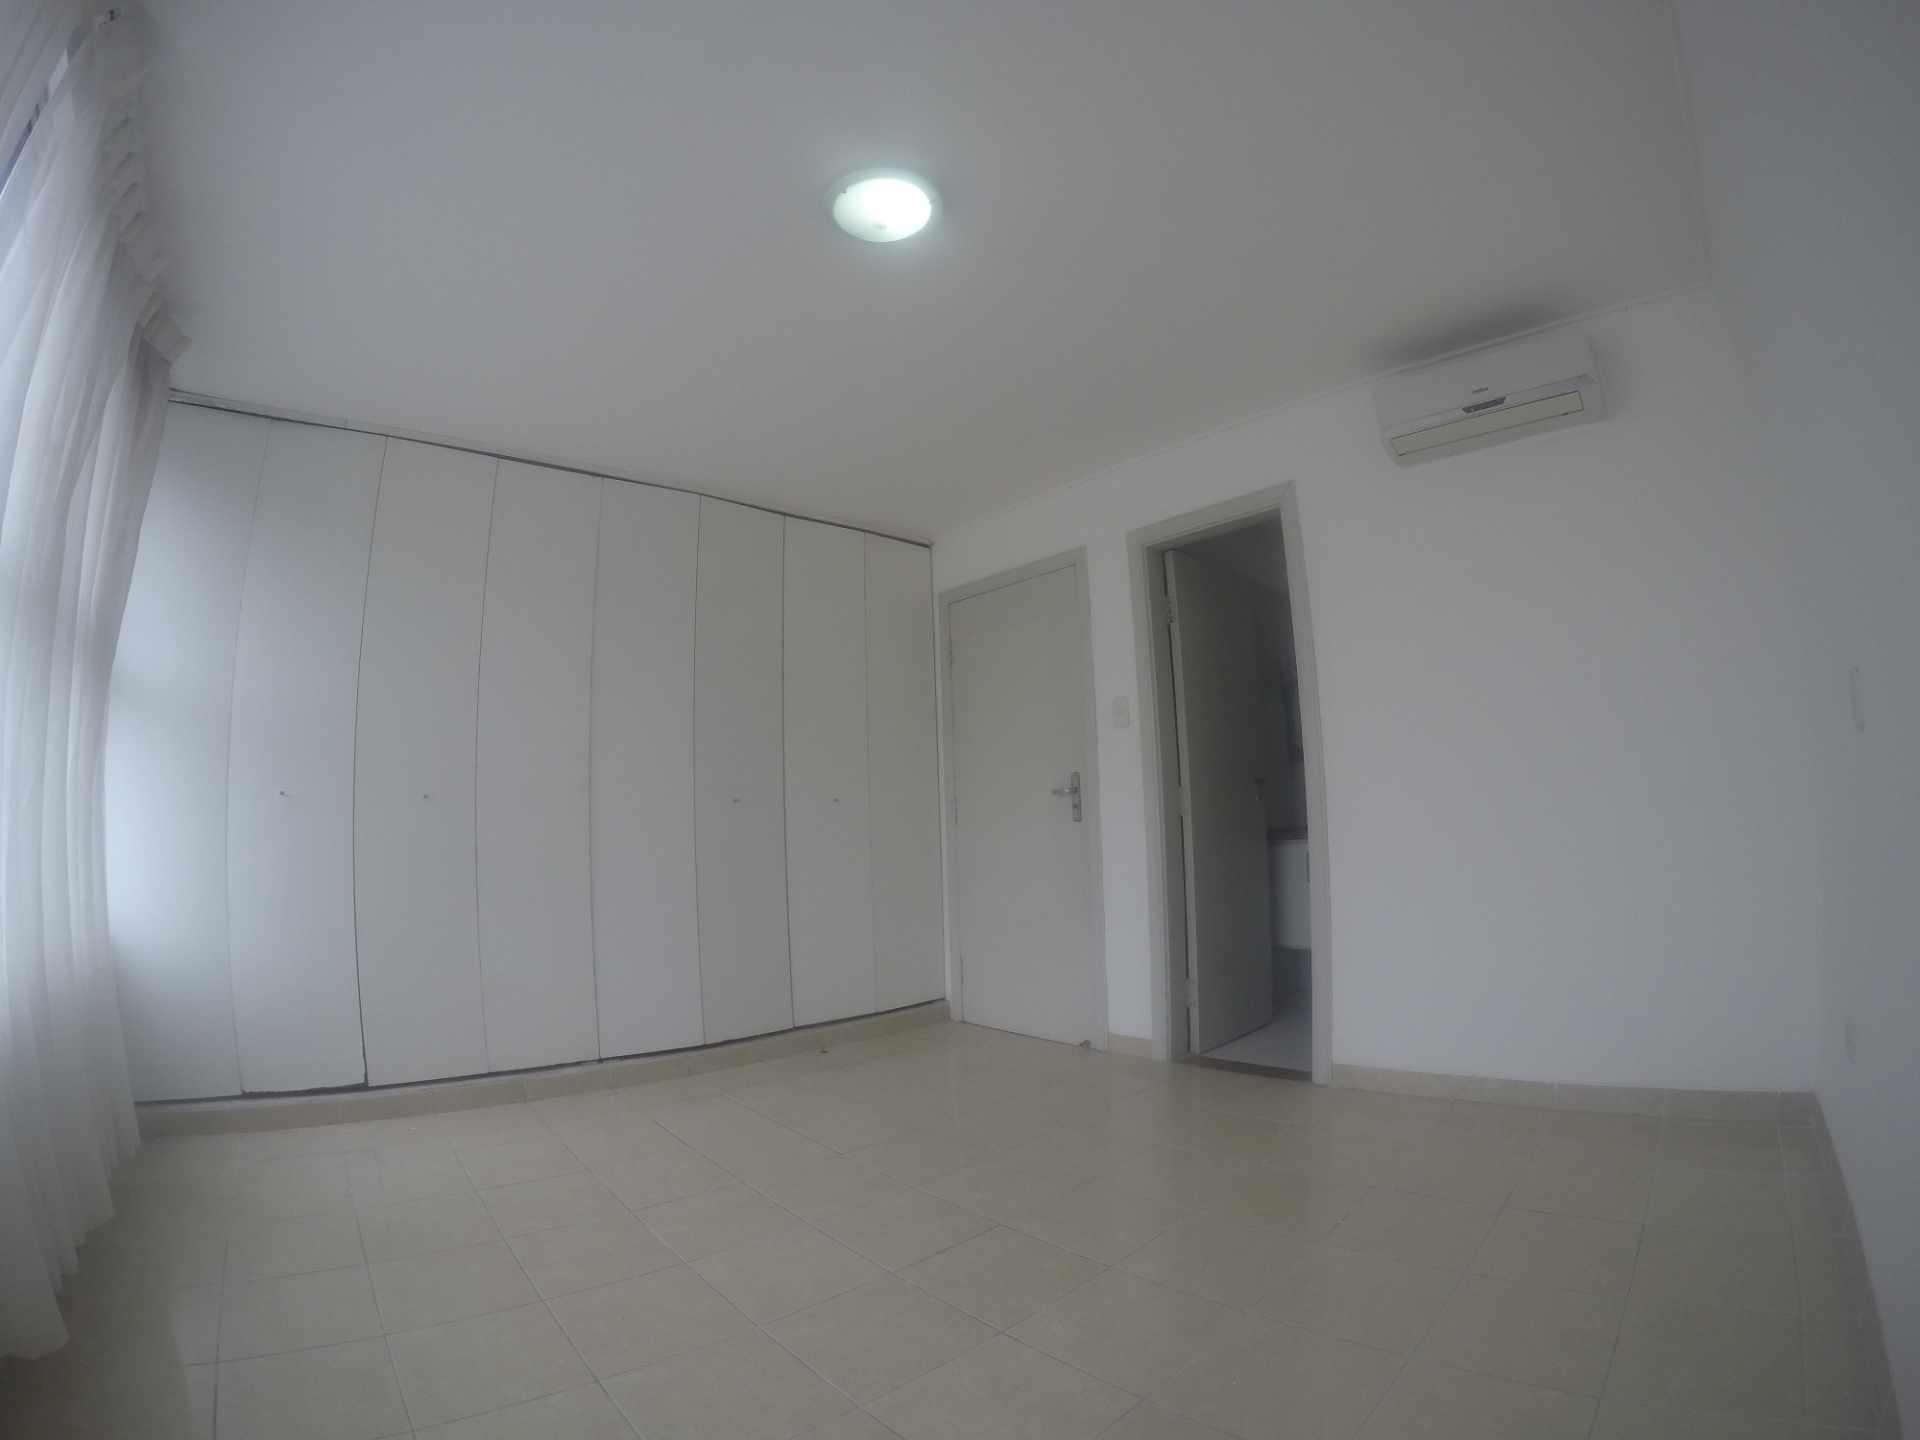 Departamento en Venta Condominio San Antonio [Av. Banzer 2do. y 3er. Anillo], De ocasión vendo departamento de 2 dormitorios sin parqueo. [69.000$us.] Foto 6